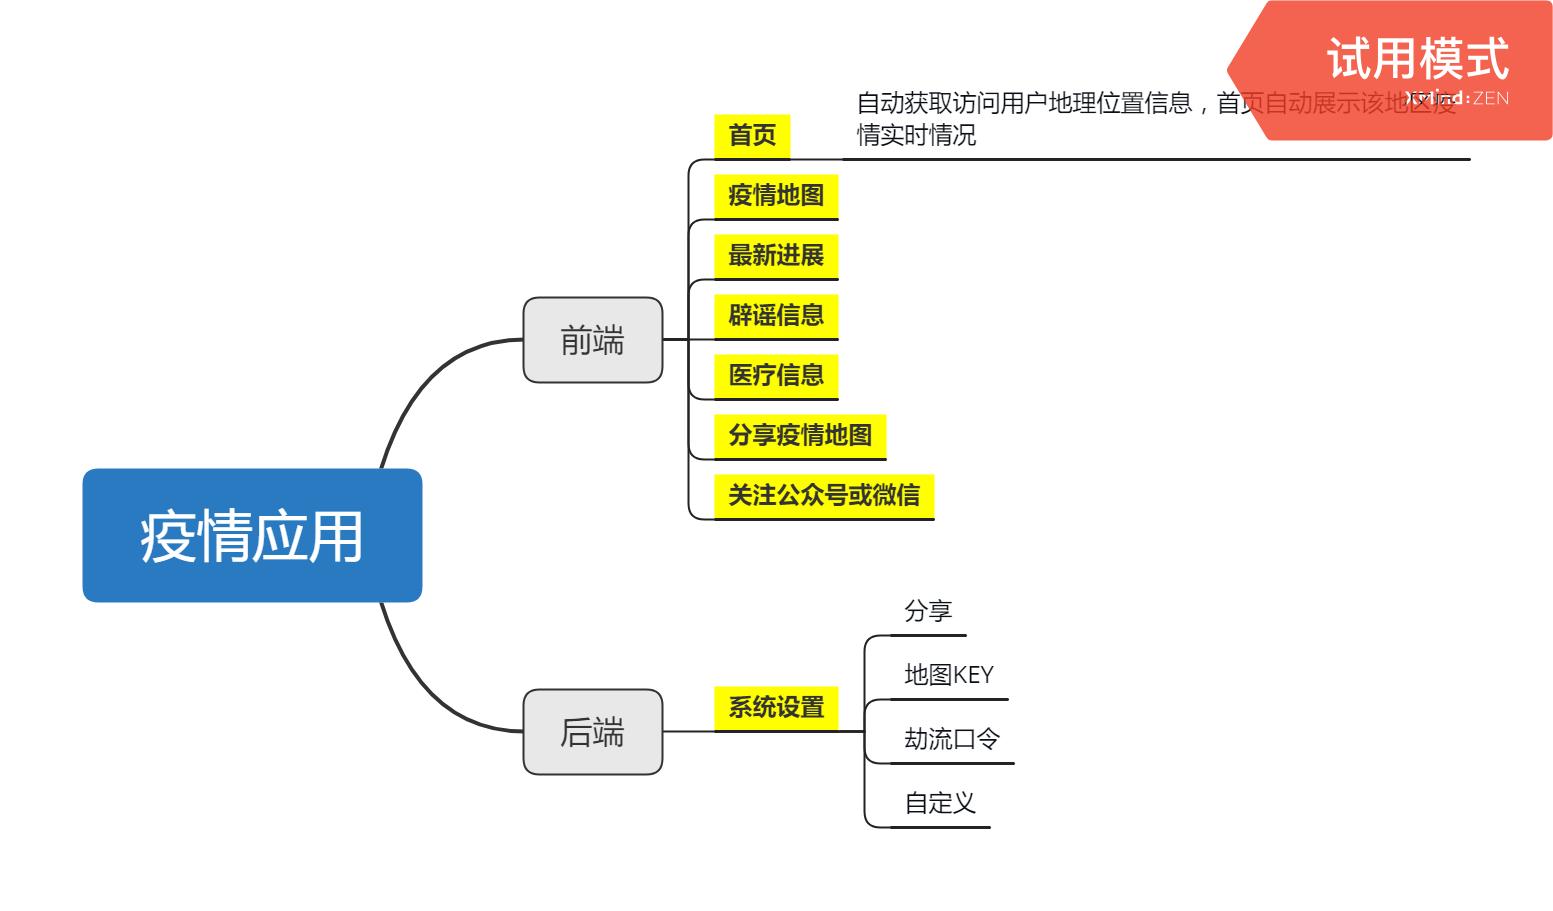 wq模块抗击疫情2.0.0-渔枫源码分享网